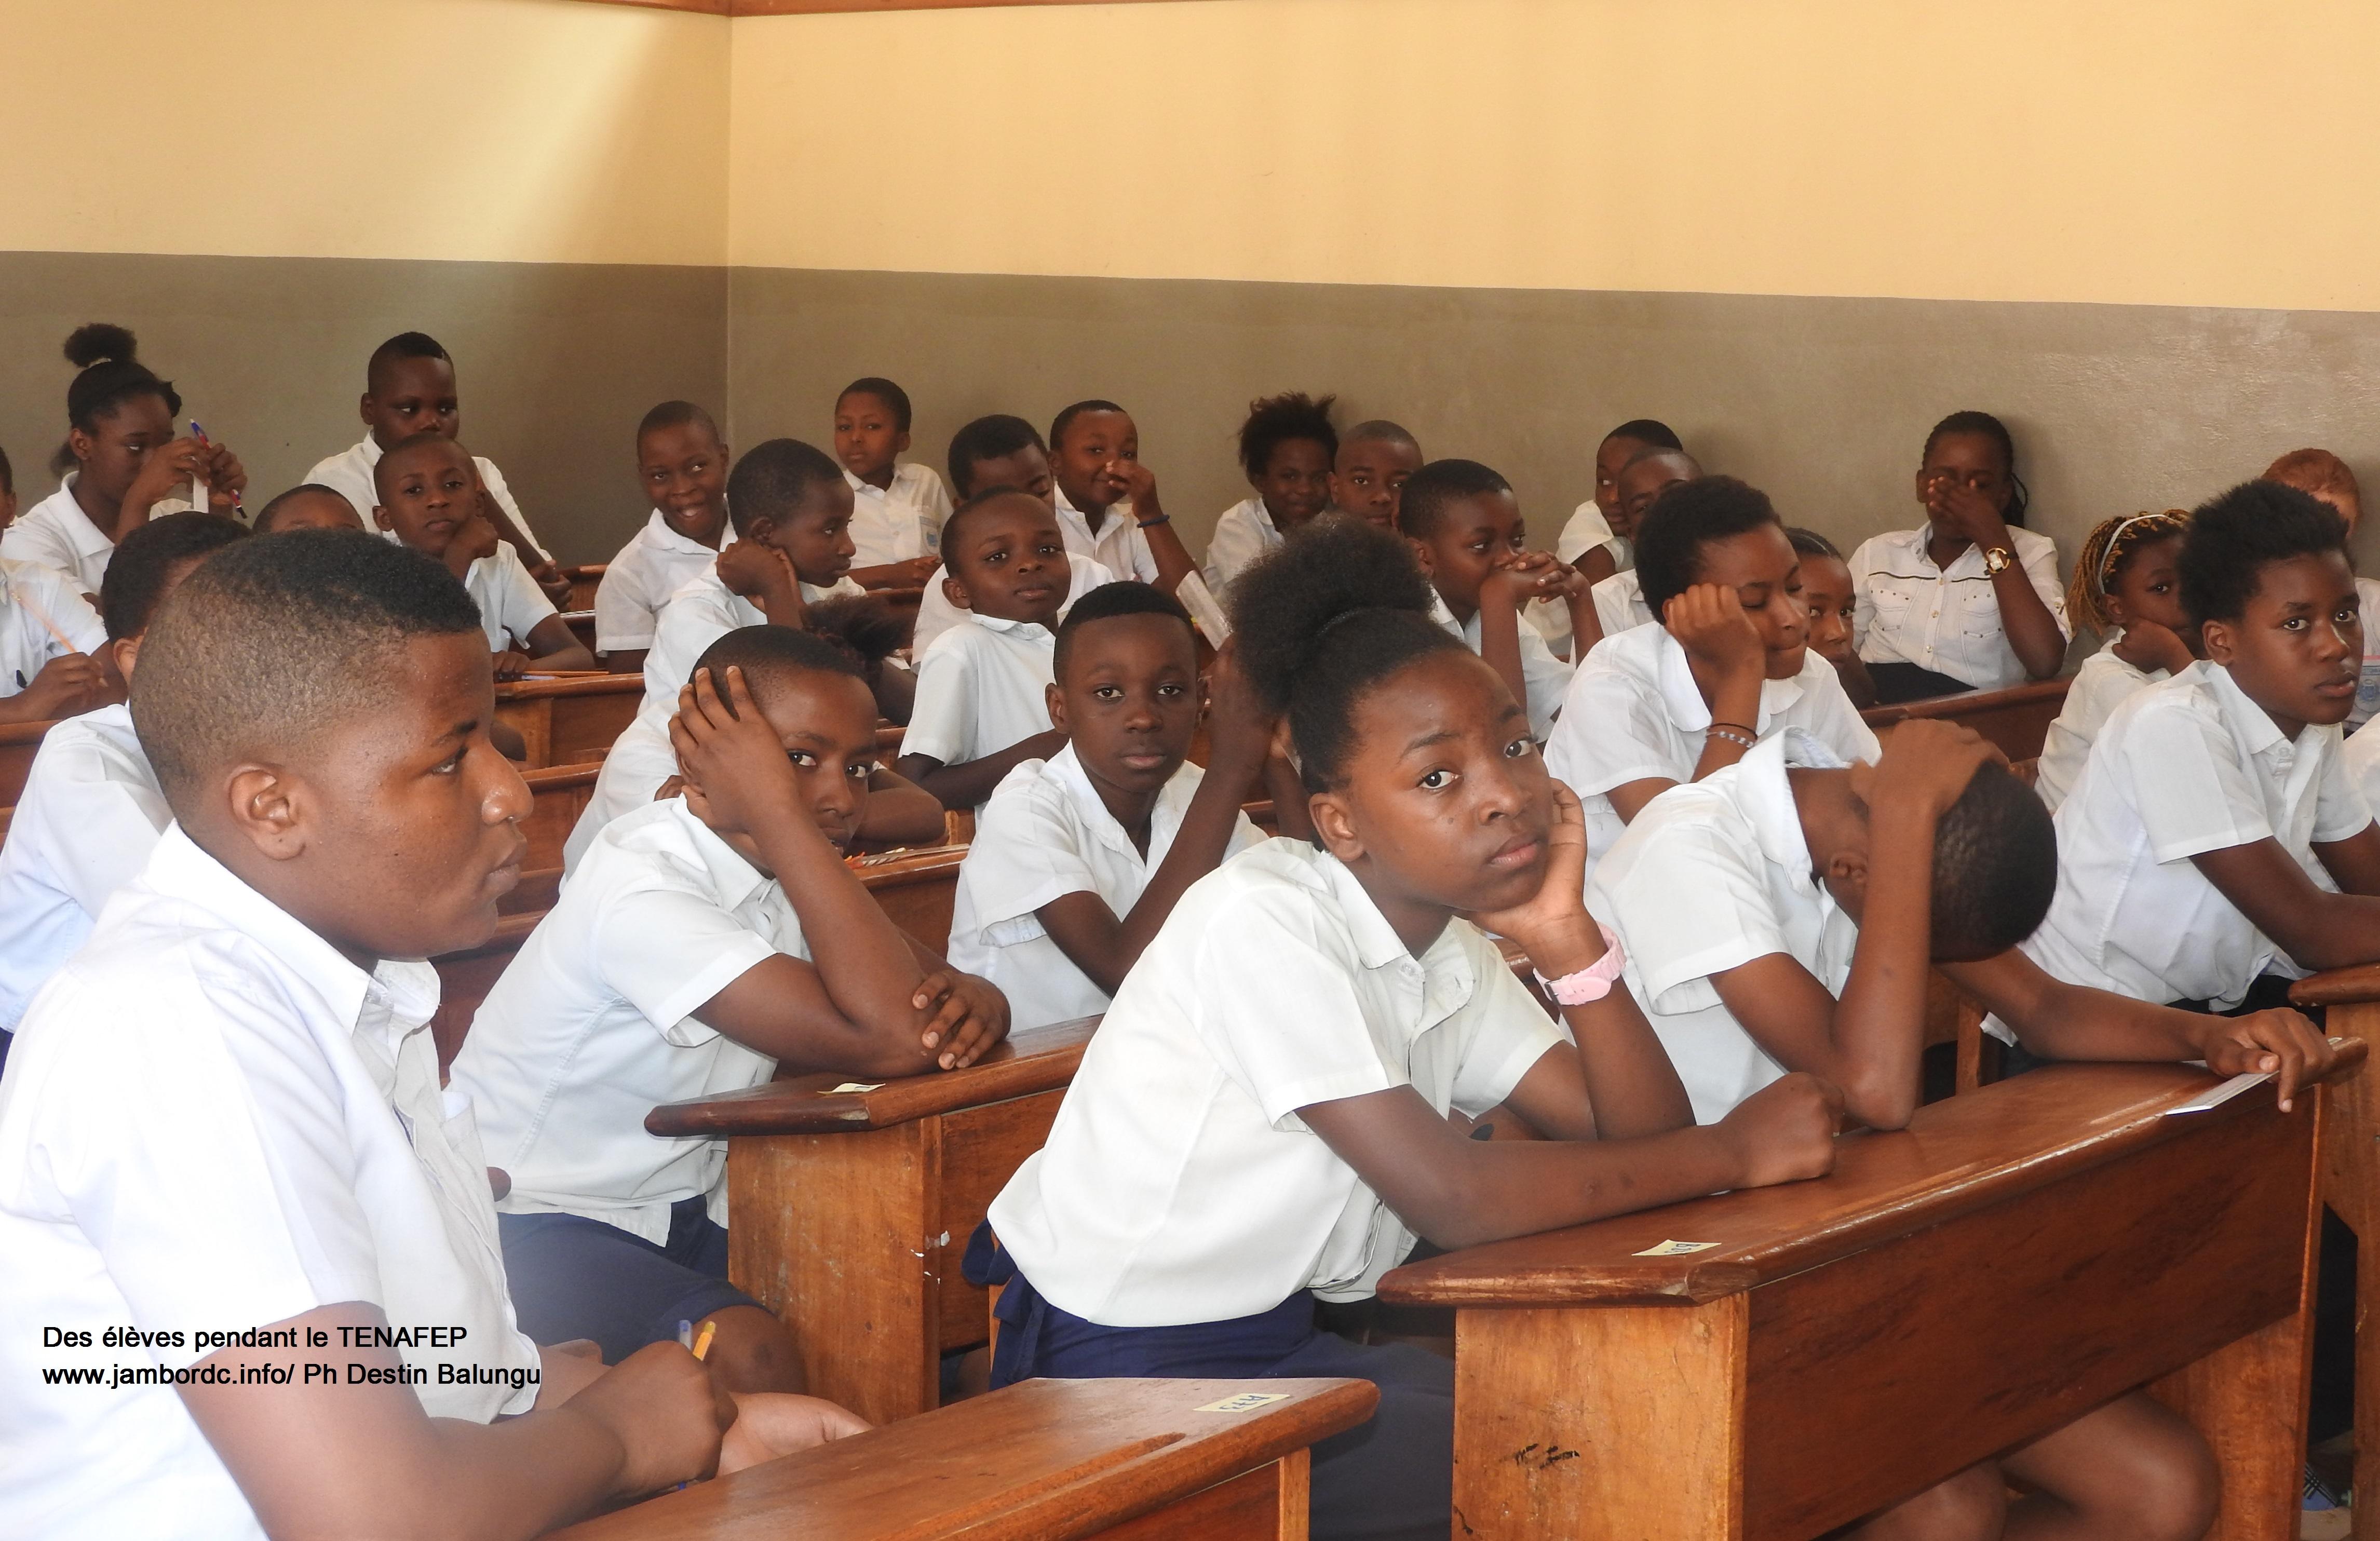 RDC : Les enseignants invités par l'intersyndical à commencer les cours dès ce lundi 12 octobre